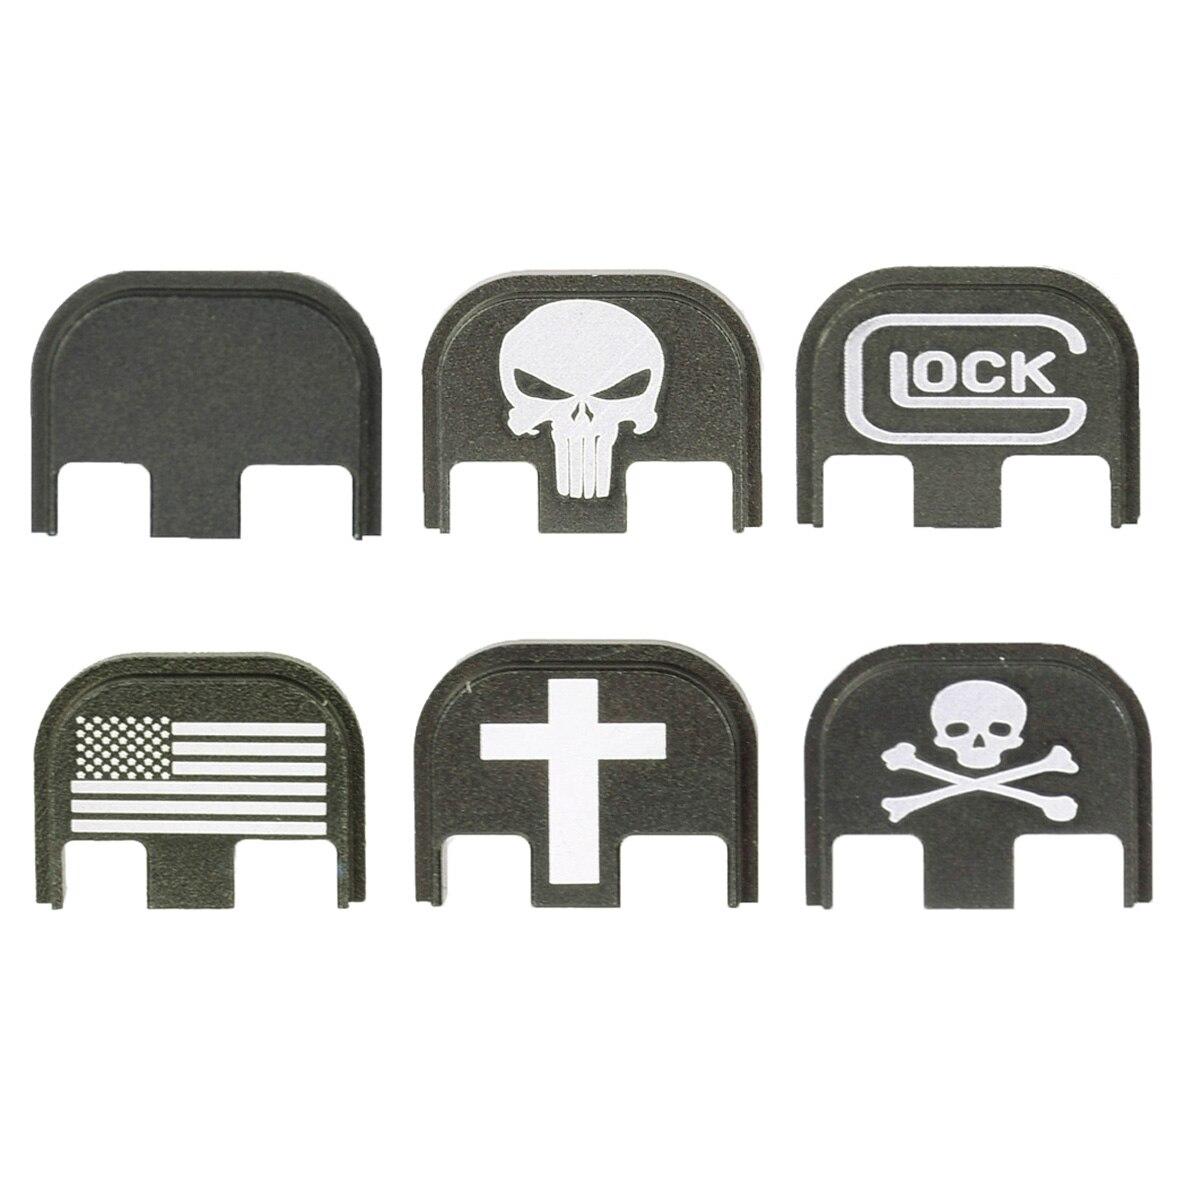 Glock Traseira Corrediça Cover Plate para Glock Gen5 17 19 20 21 22 23 24 25 26 40 41